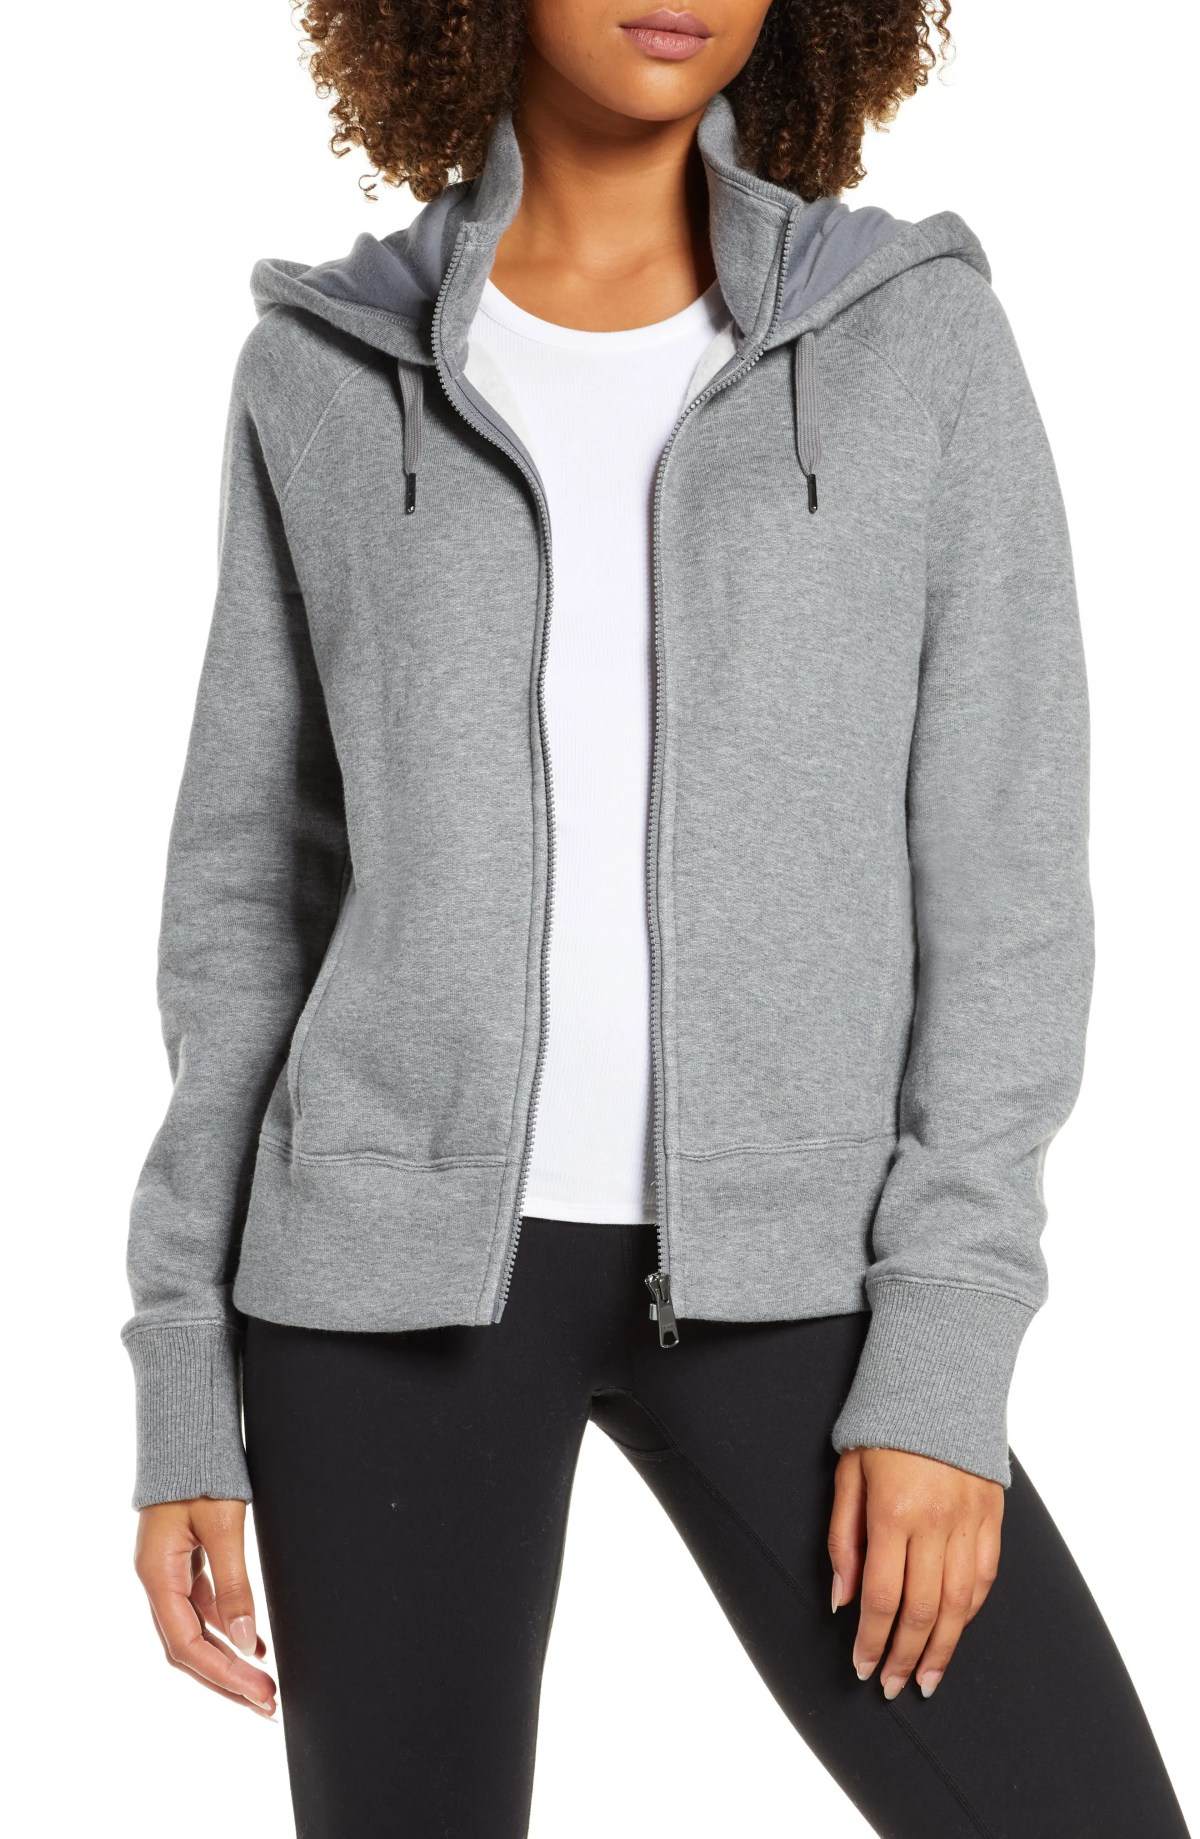 ZELLA Nola Full Zip Hooded Sweatshirt, Main, color, GREY DARK HEATHER